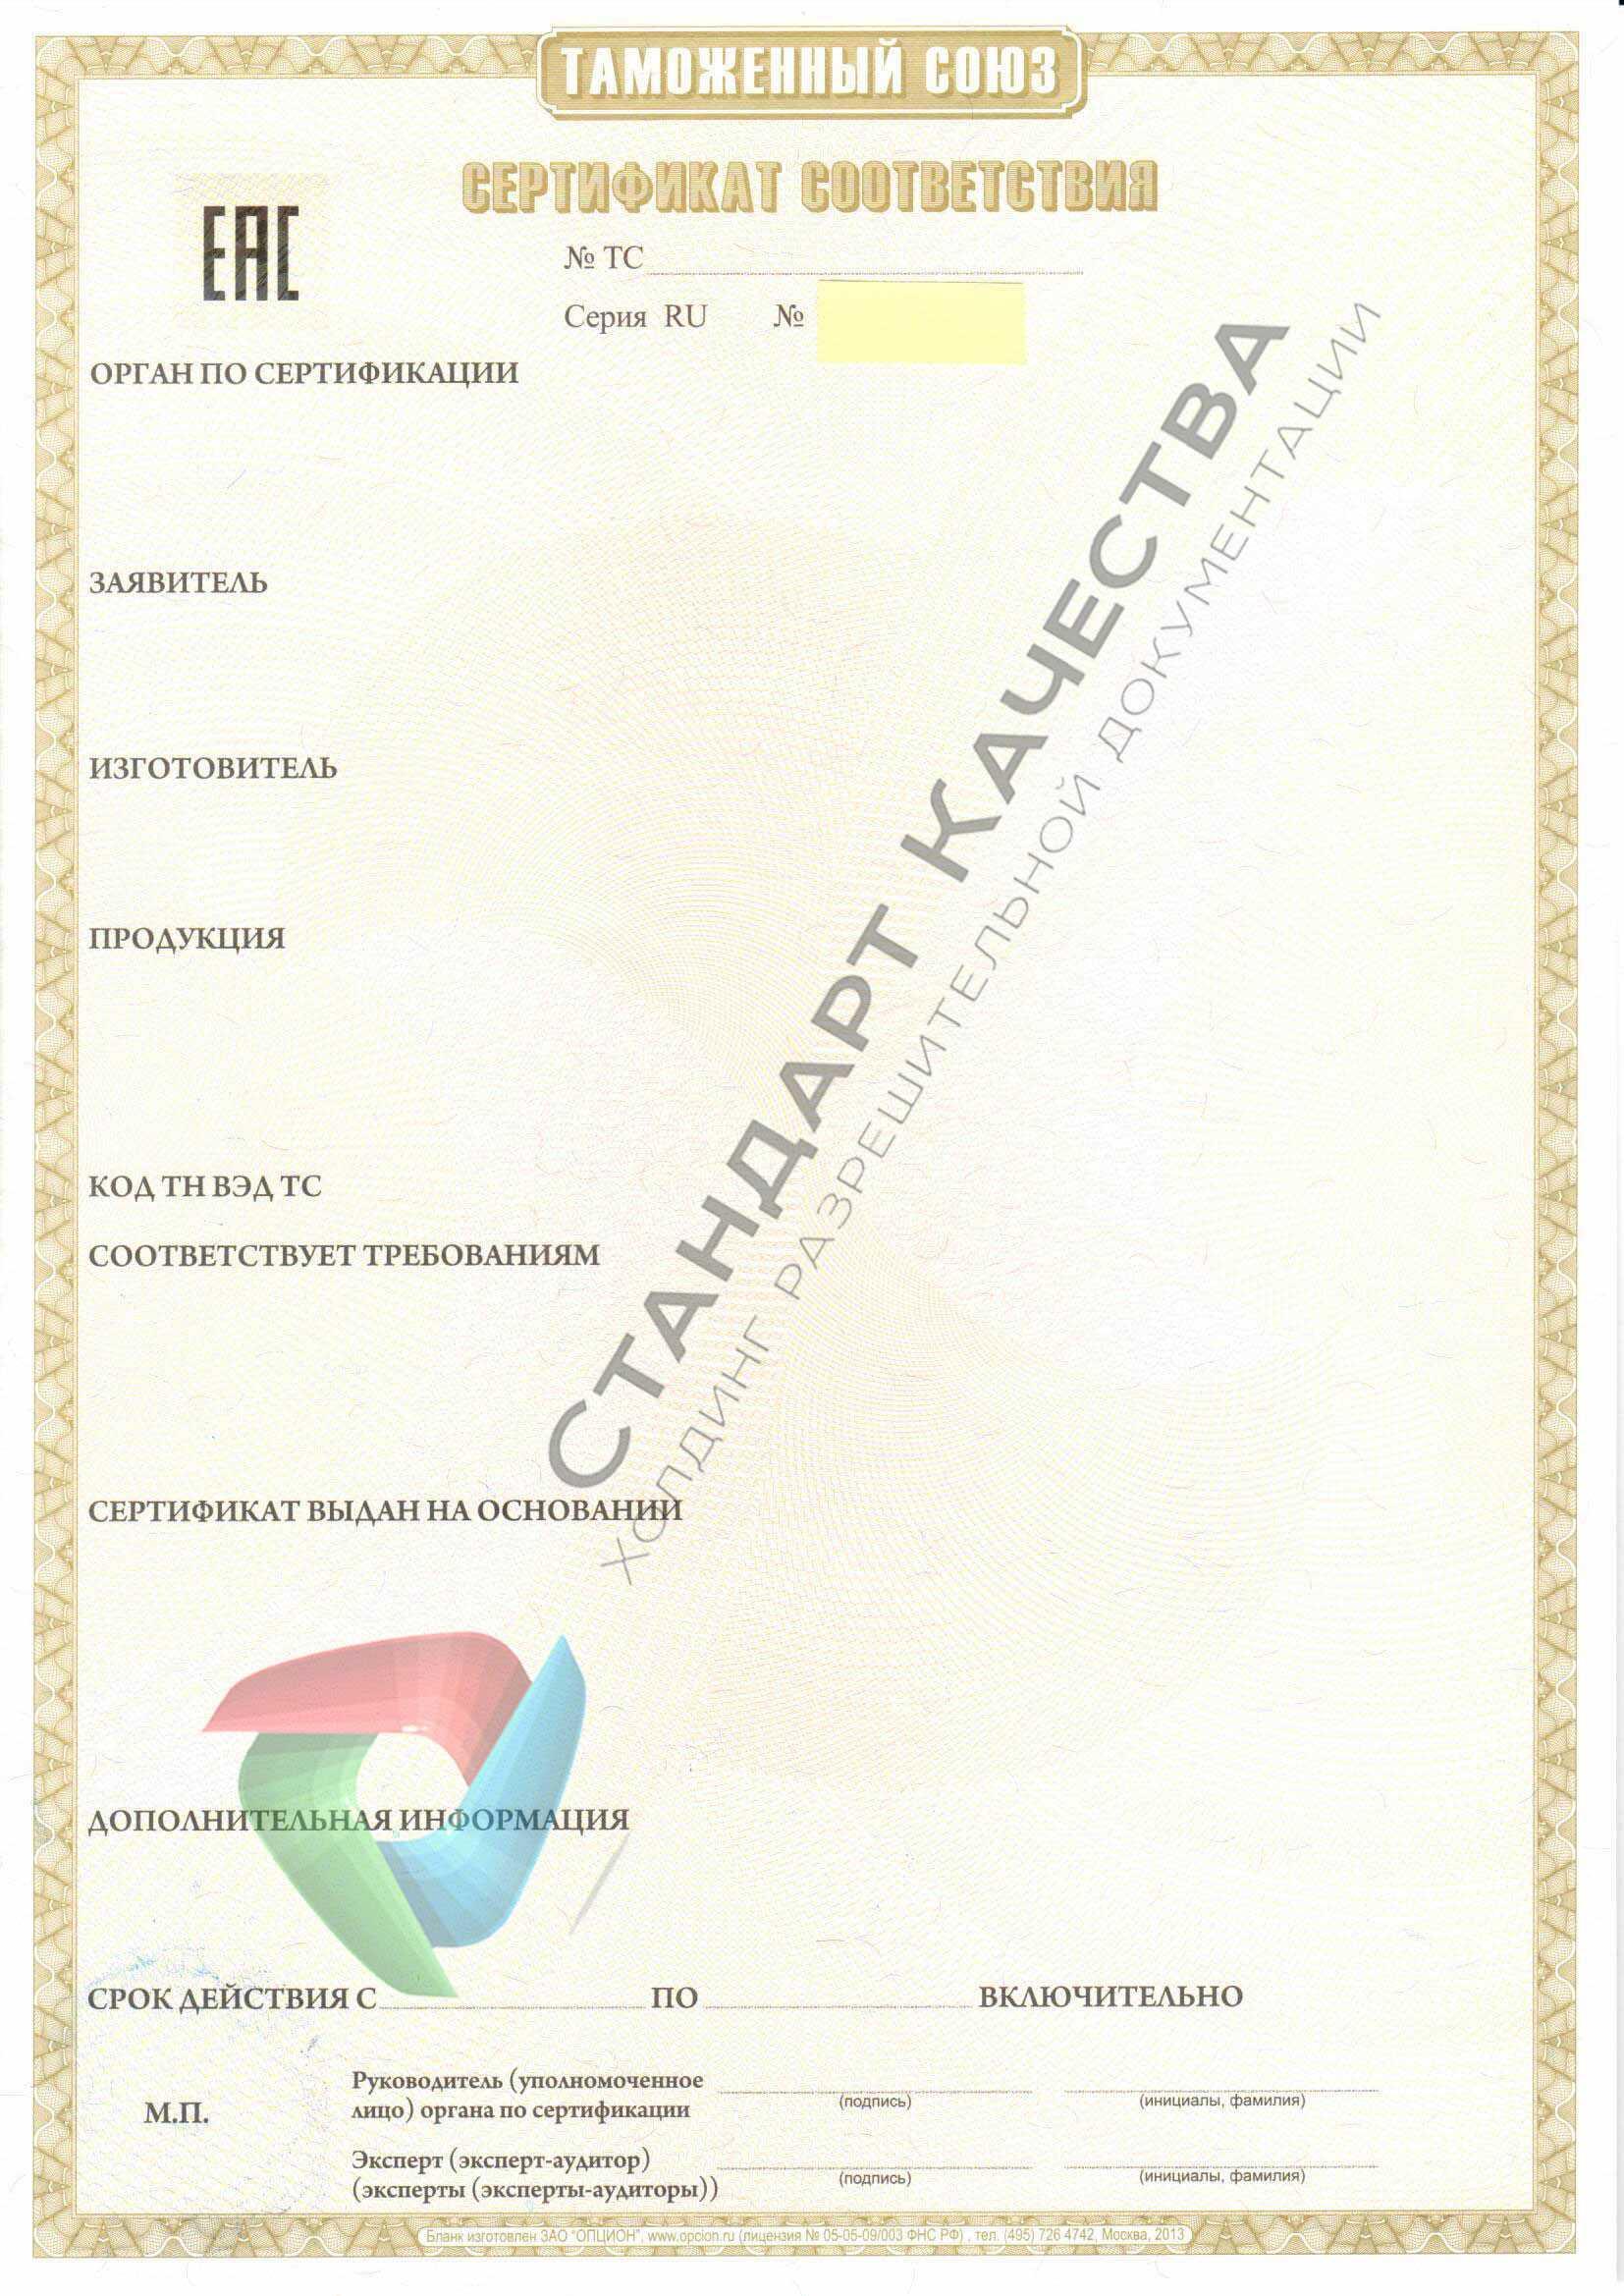 подача и рассмотрение заявки на сертификацию бланк